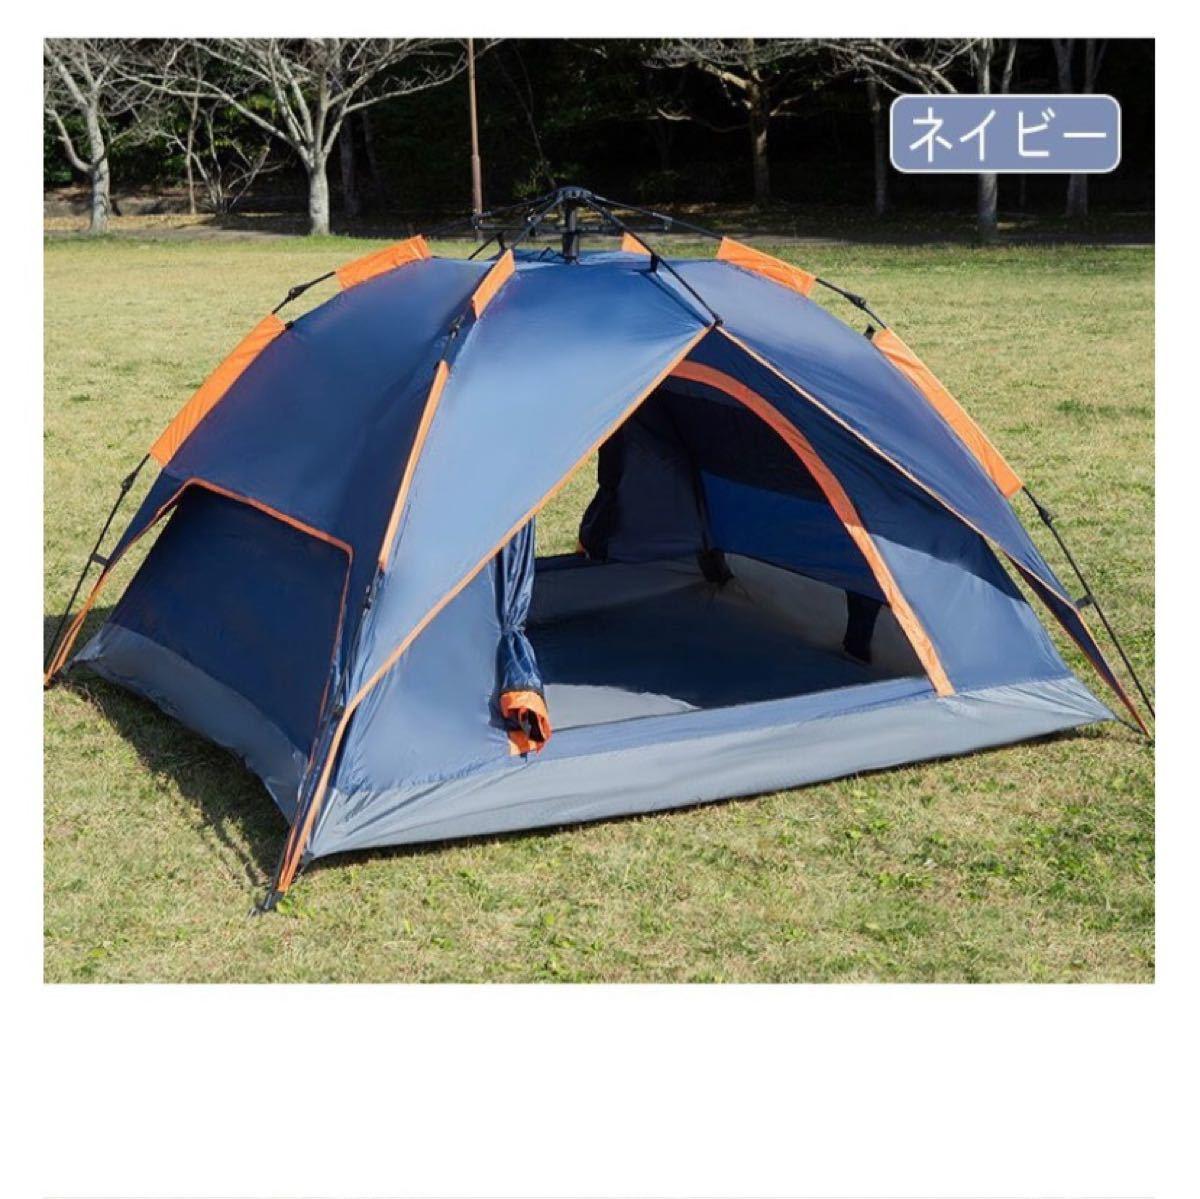 テント ワンタッチテント ビーチテント 4人用 軽量 フルクローズ 蚊帳 簡易